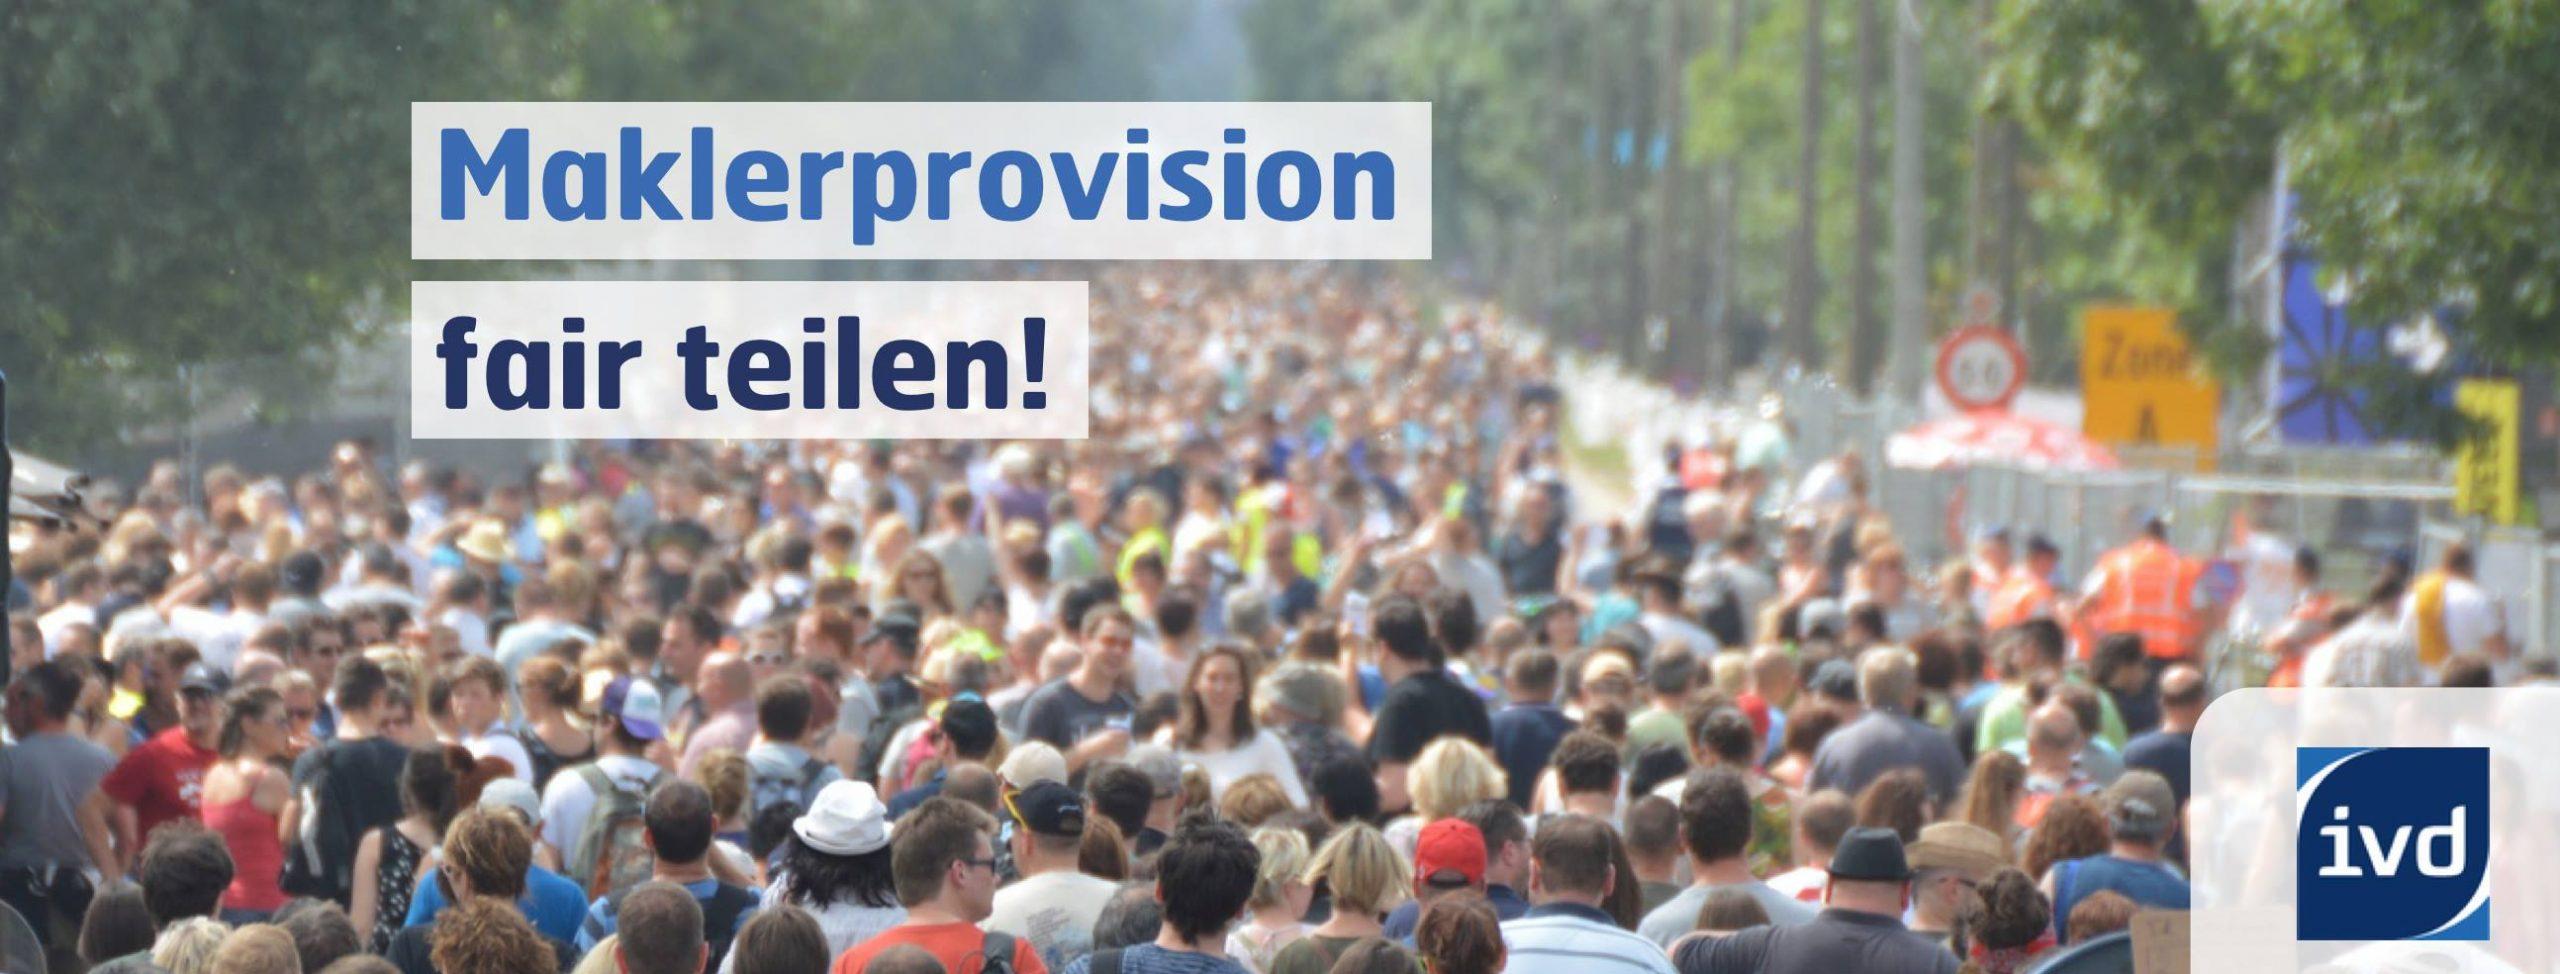 Maklerprovision fair teilen! - https://www.facebook.com/MaklerprovisionFairTeilen/